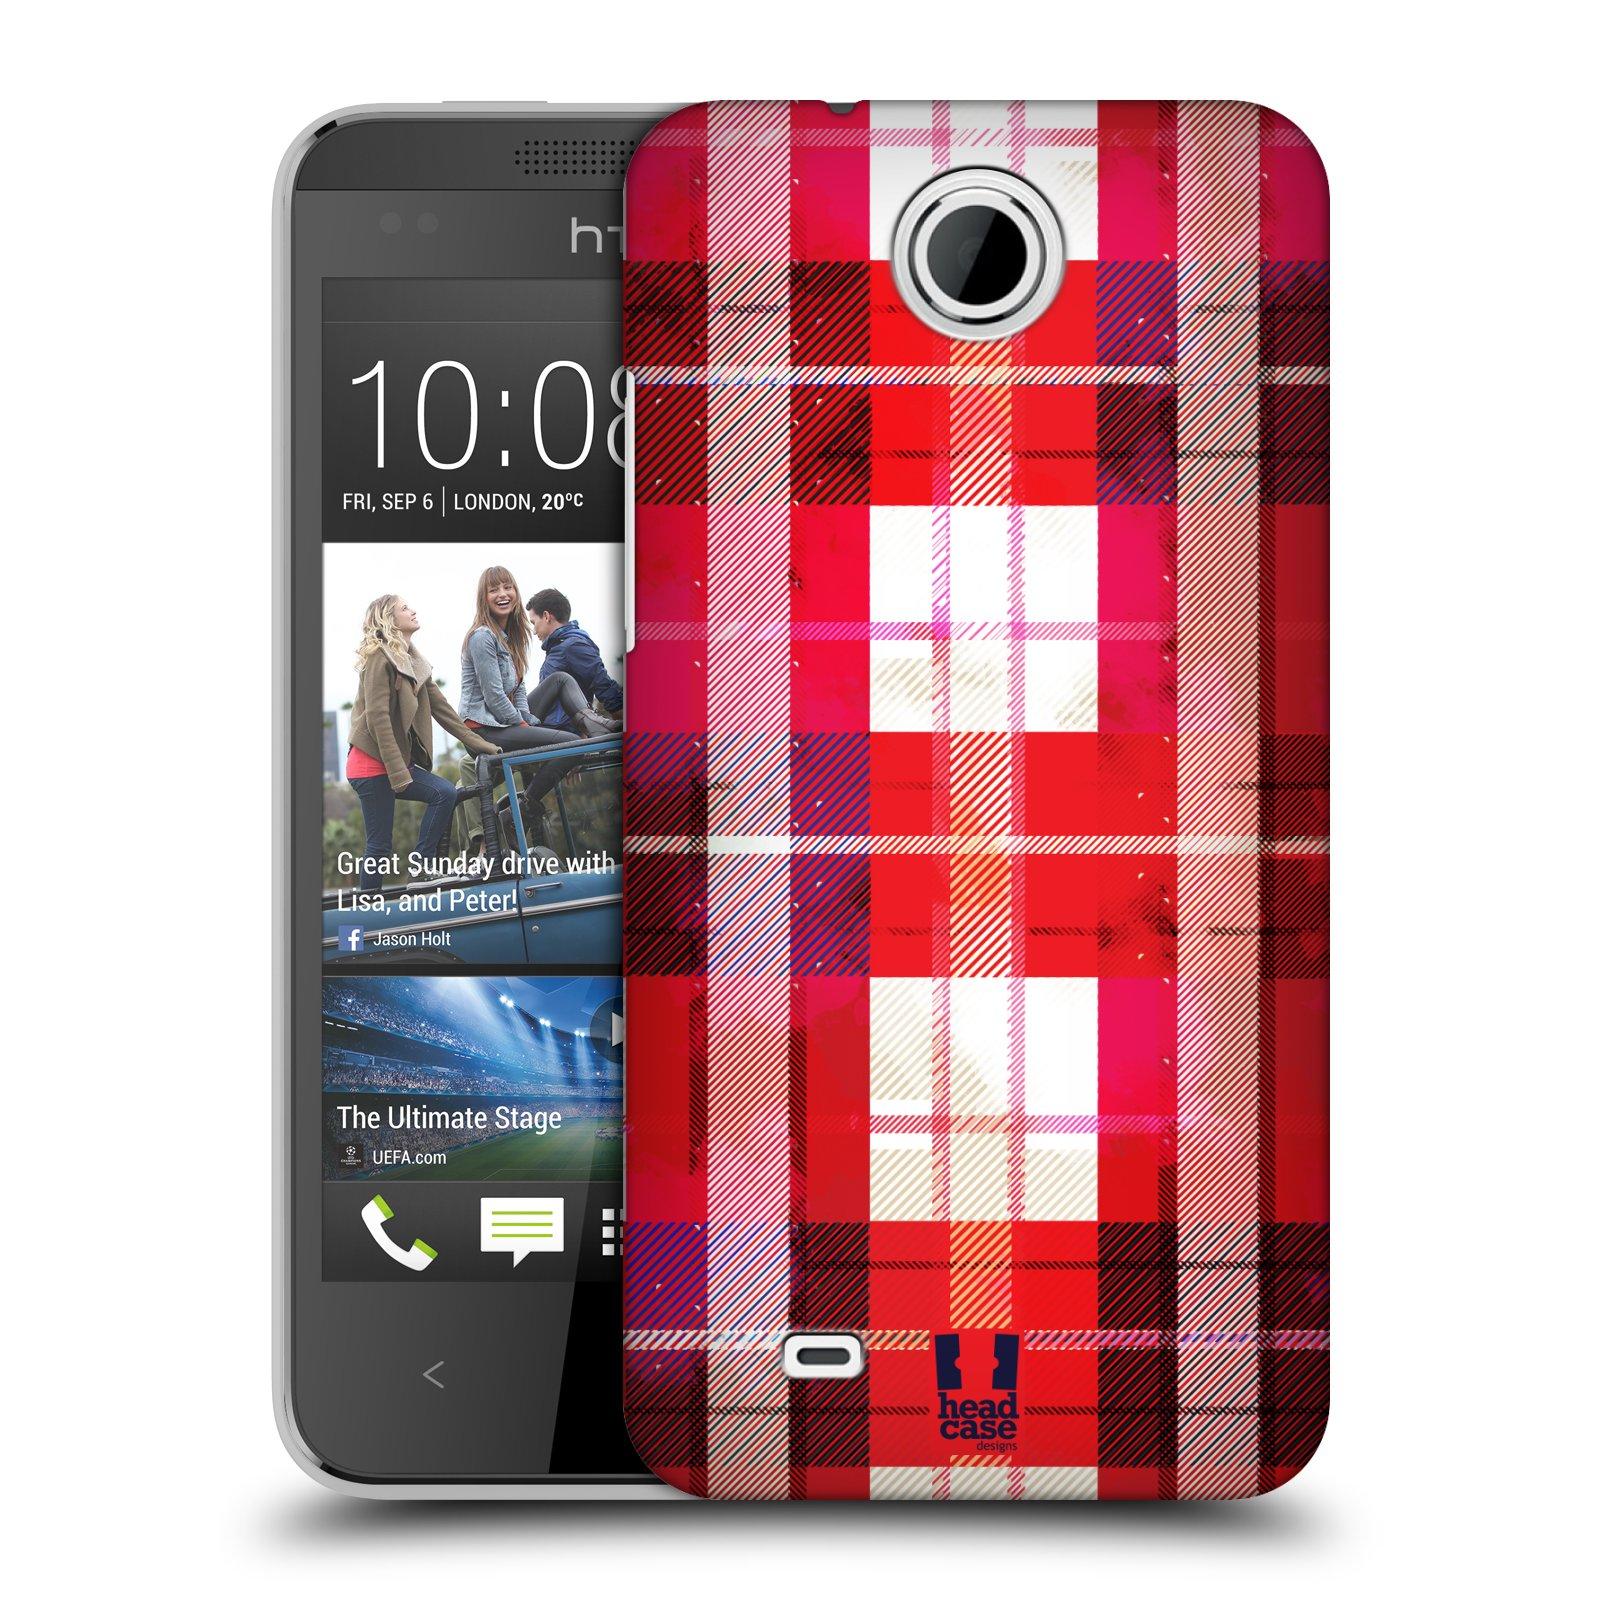 Plastové pouzdro na mobil HTC Desire 300 HEAD CASE FLANEL RED (Kryt či obal na mobilní telefon HTC Desire 300)